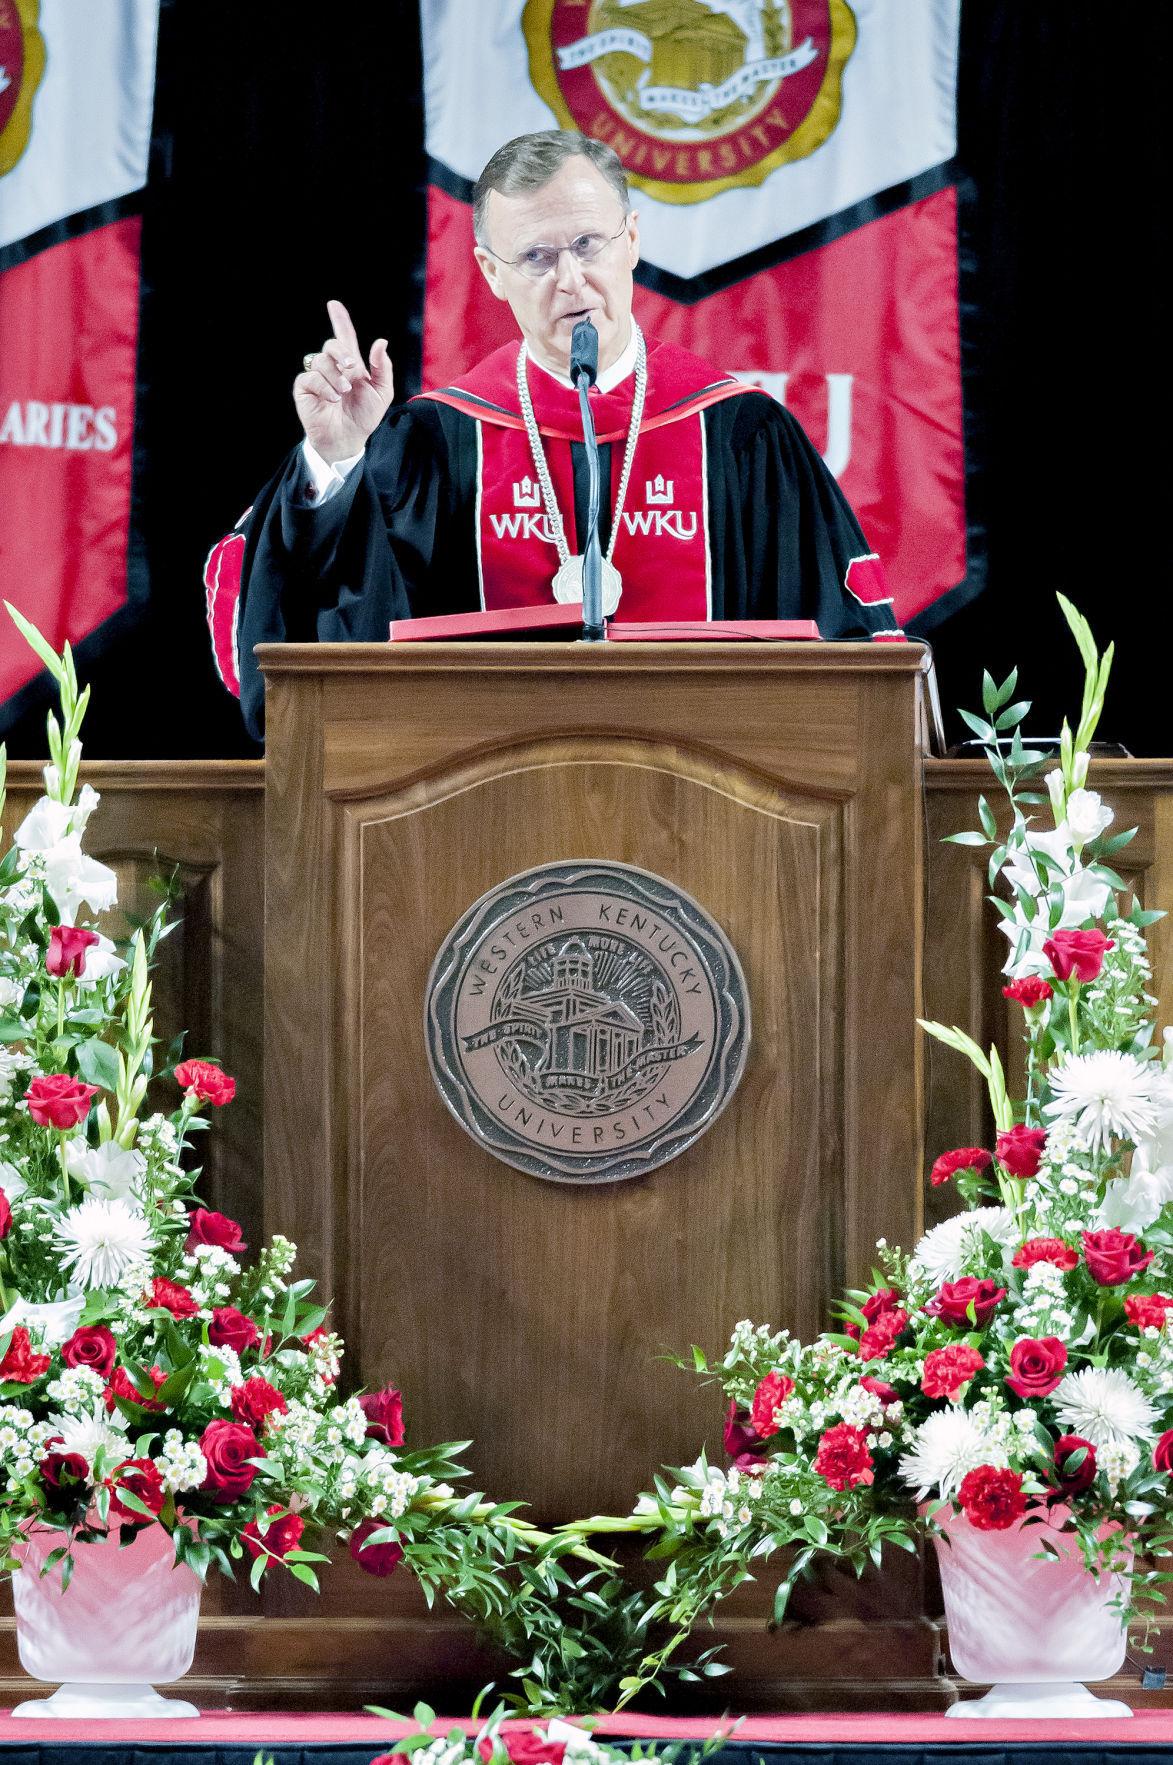 WKU Graduation